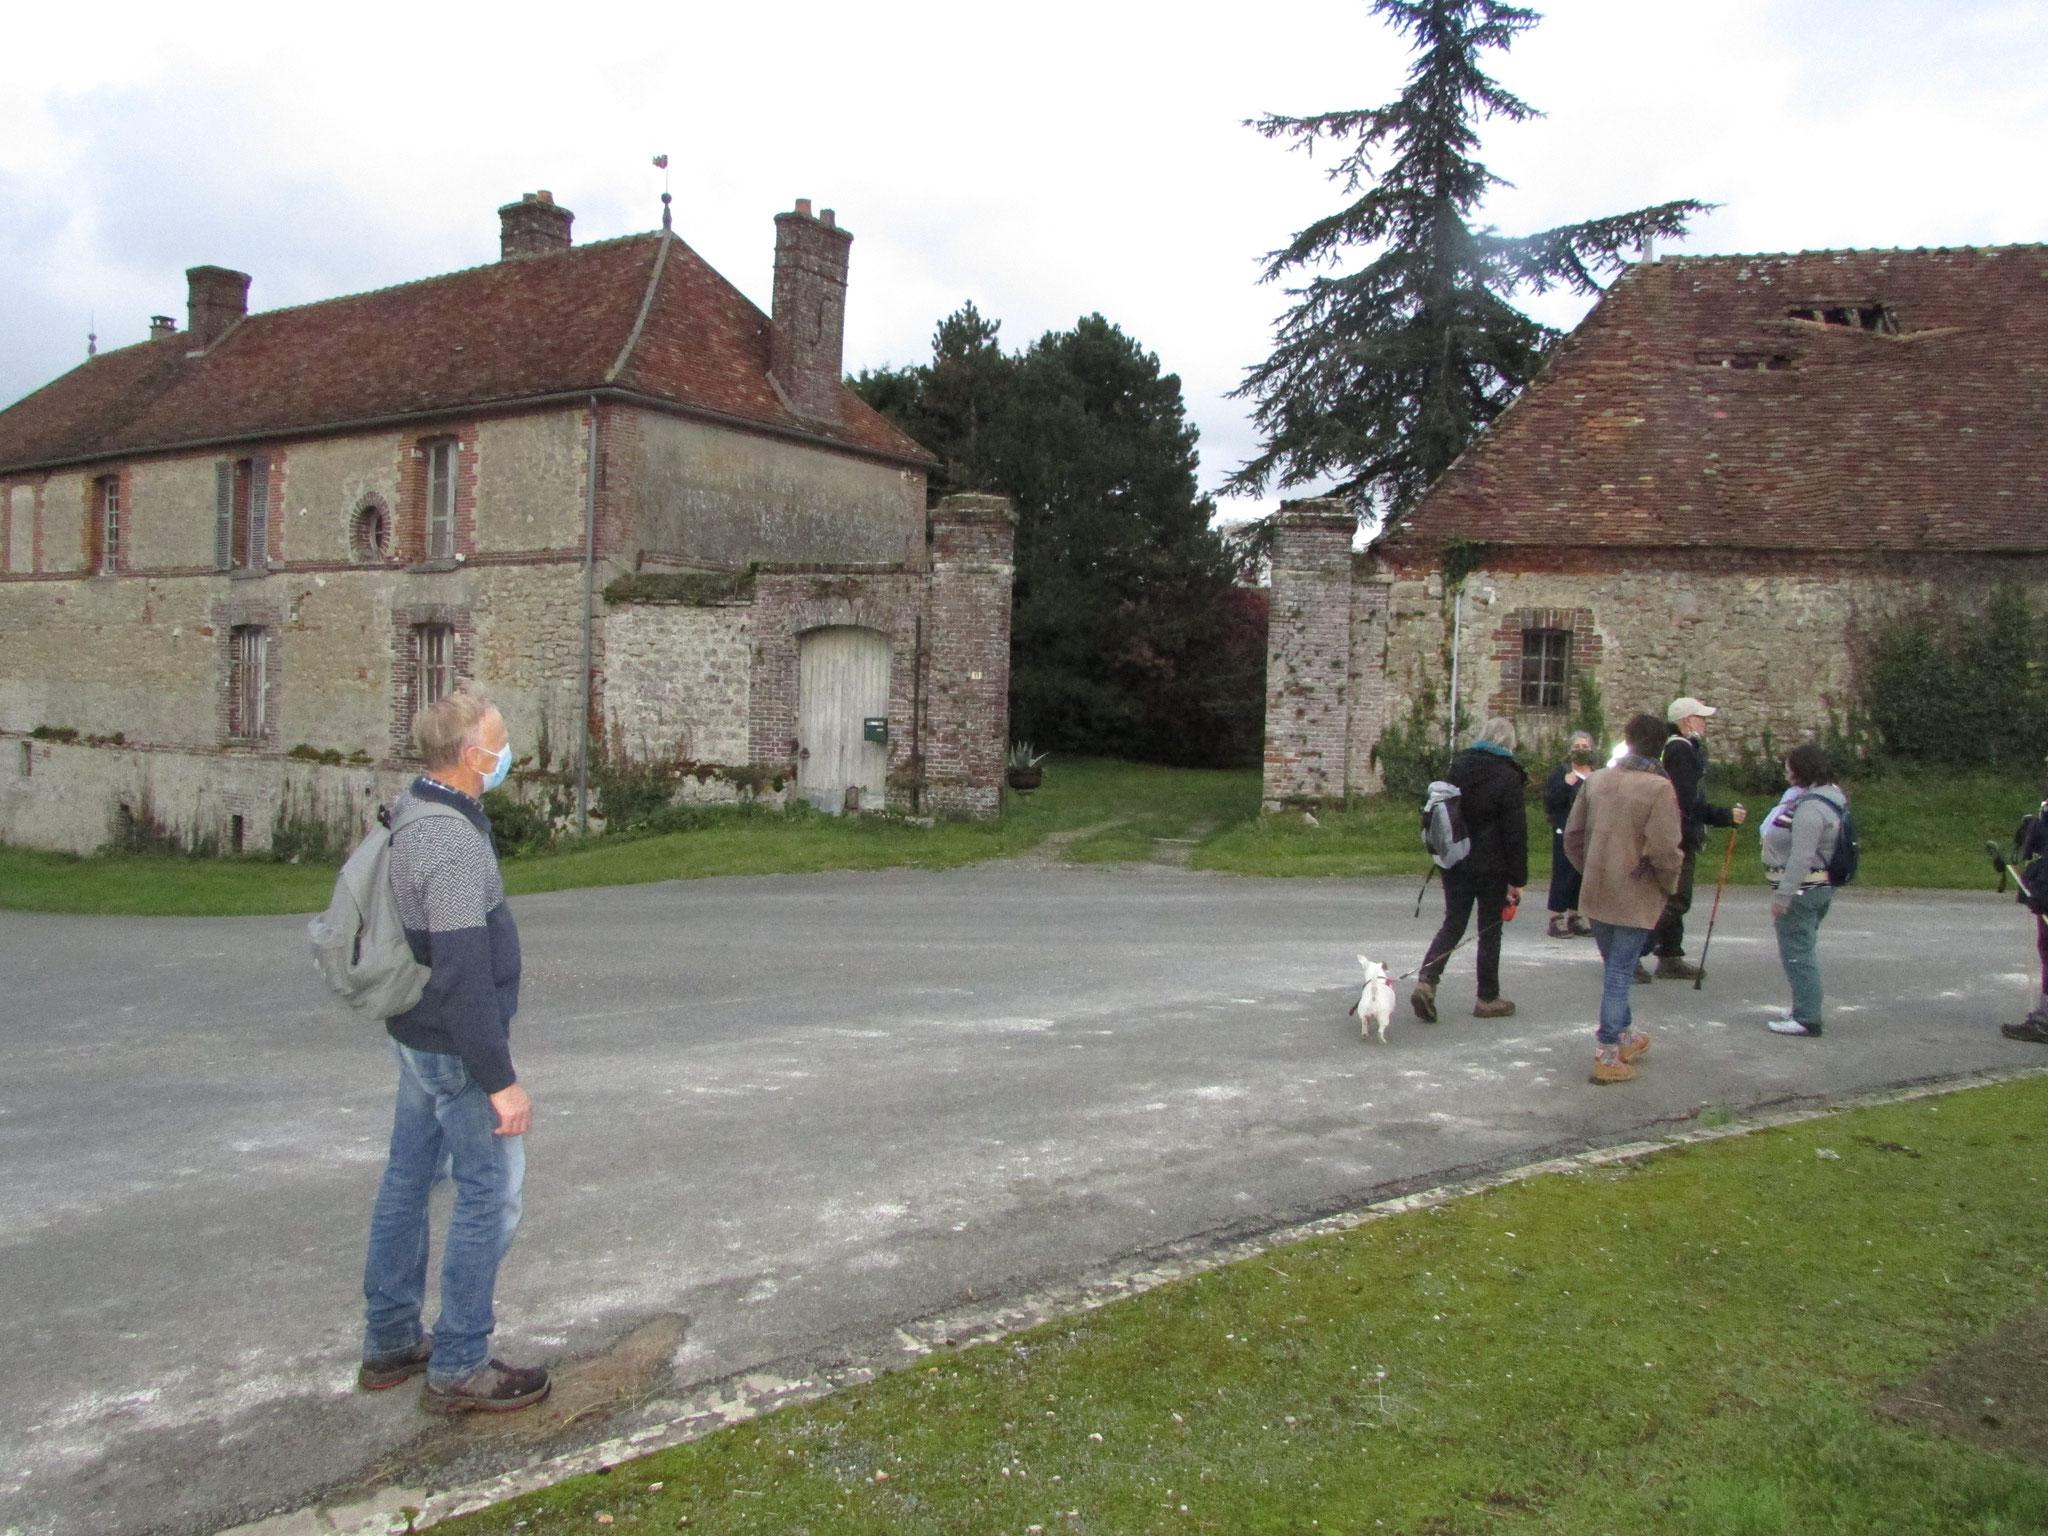 randonnée nature autour de Blacourt octobre 2020